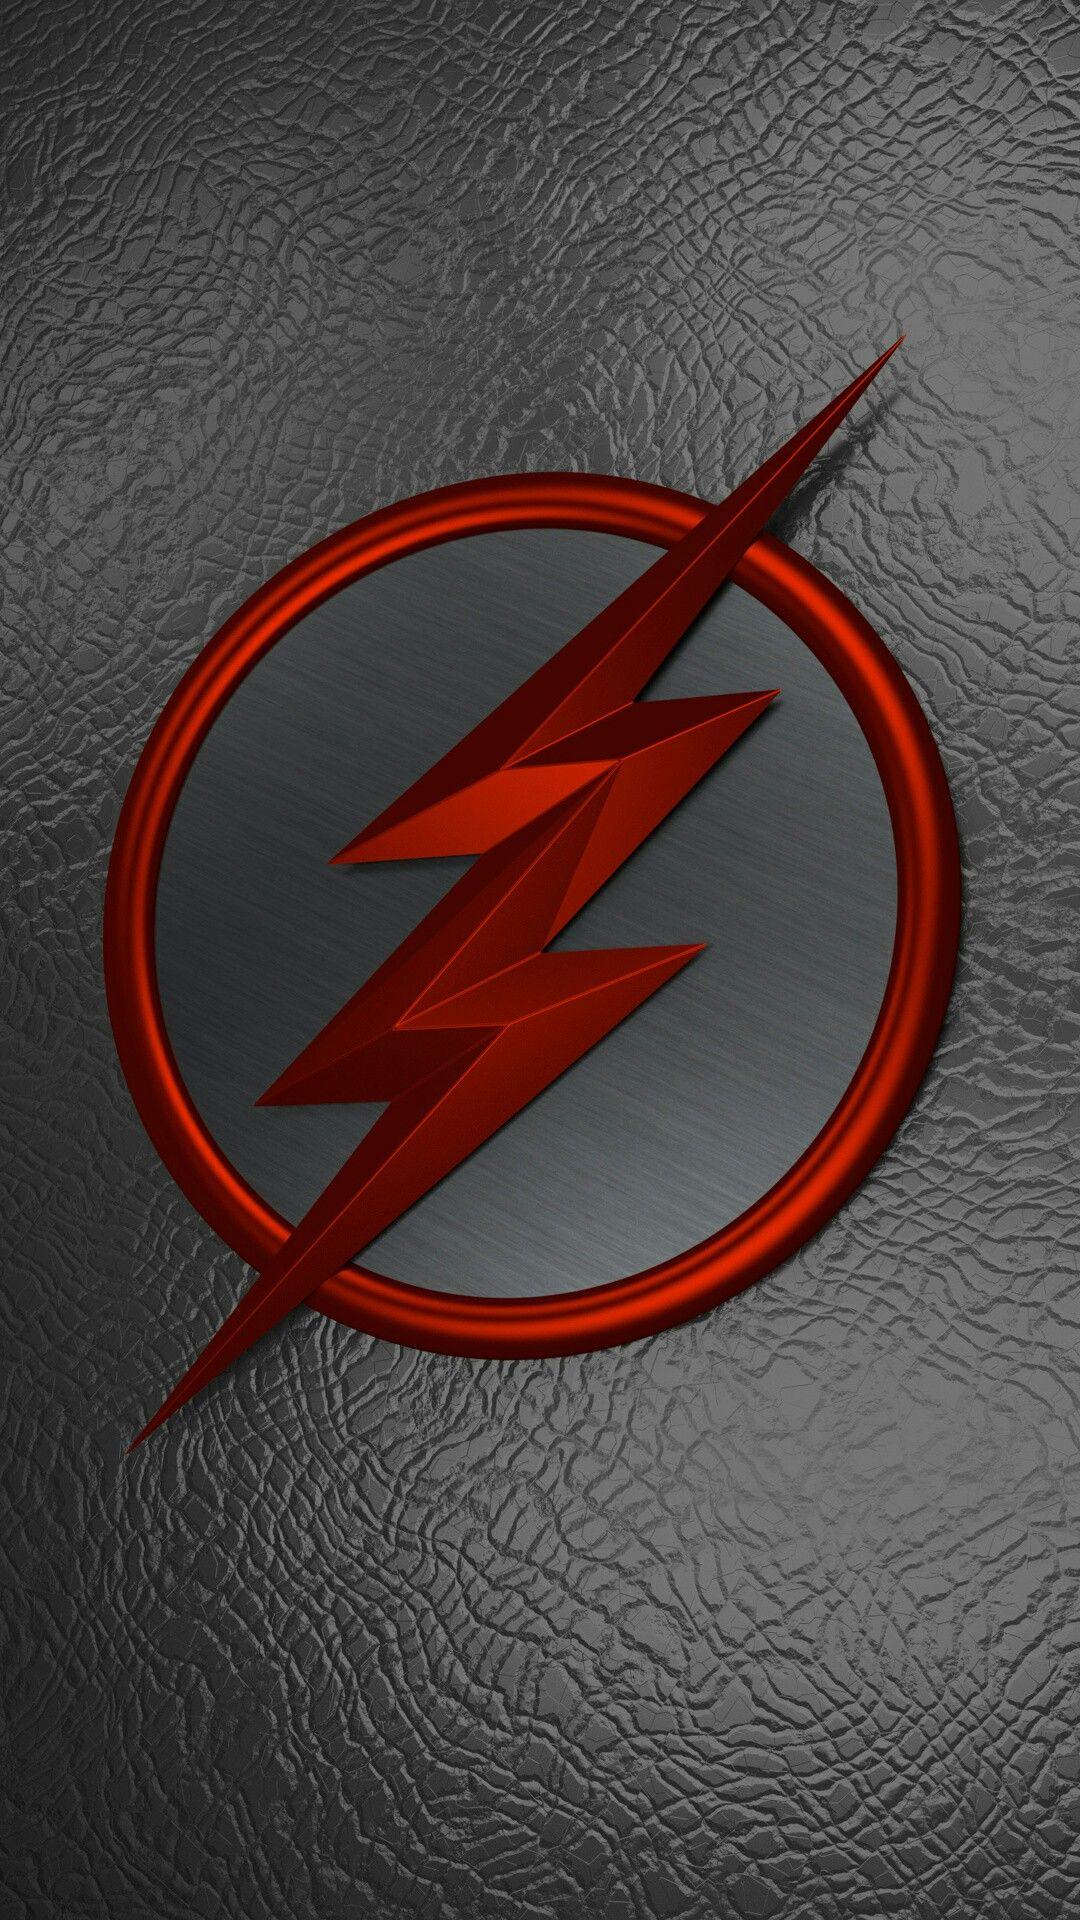 Pin De Ron Douglas En Wallpapers Samsung Flash Fondos De Pantalla Superman Fondos De Pantalla Fondos De Pantalla Batman